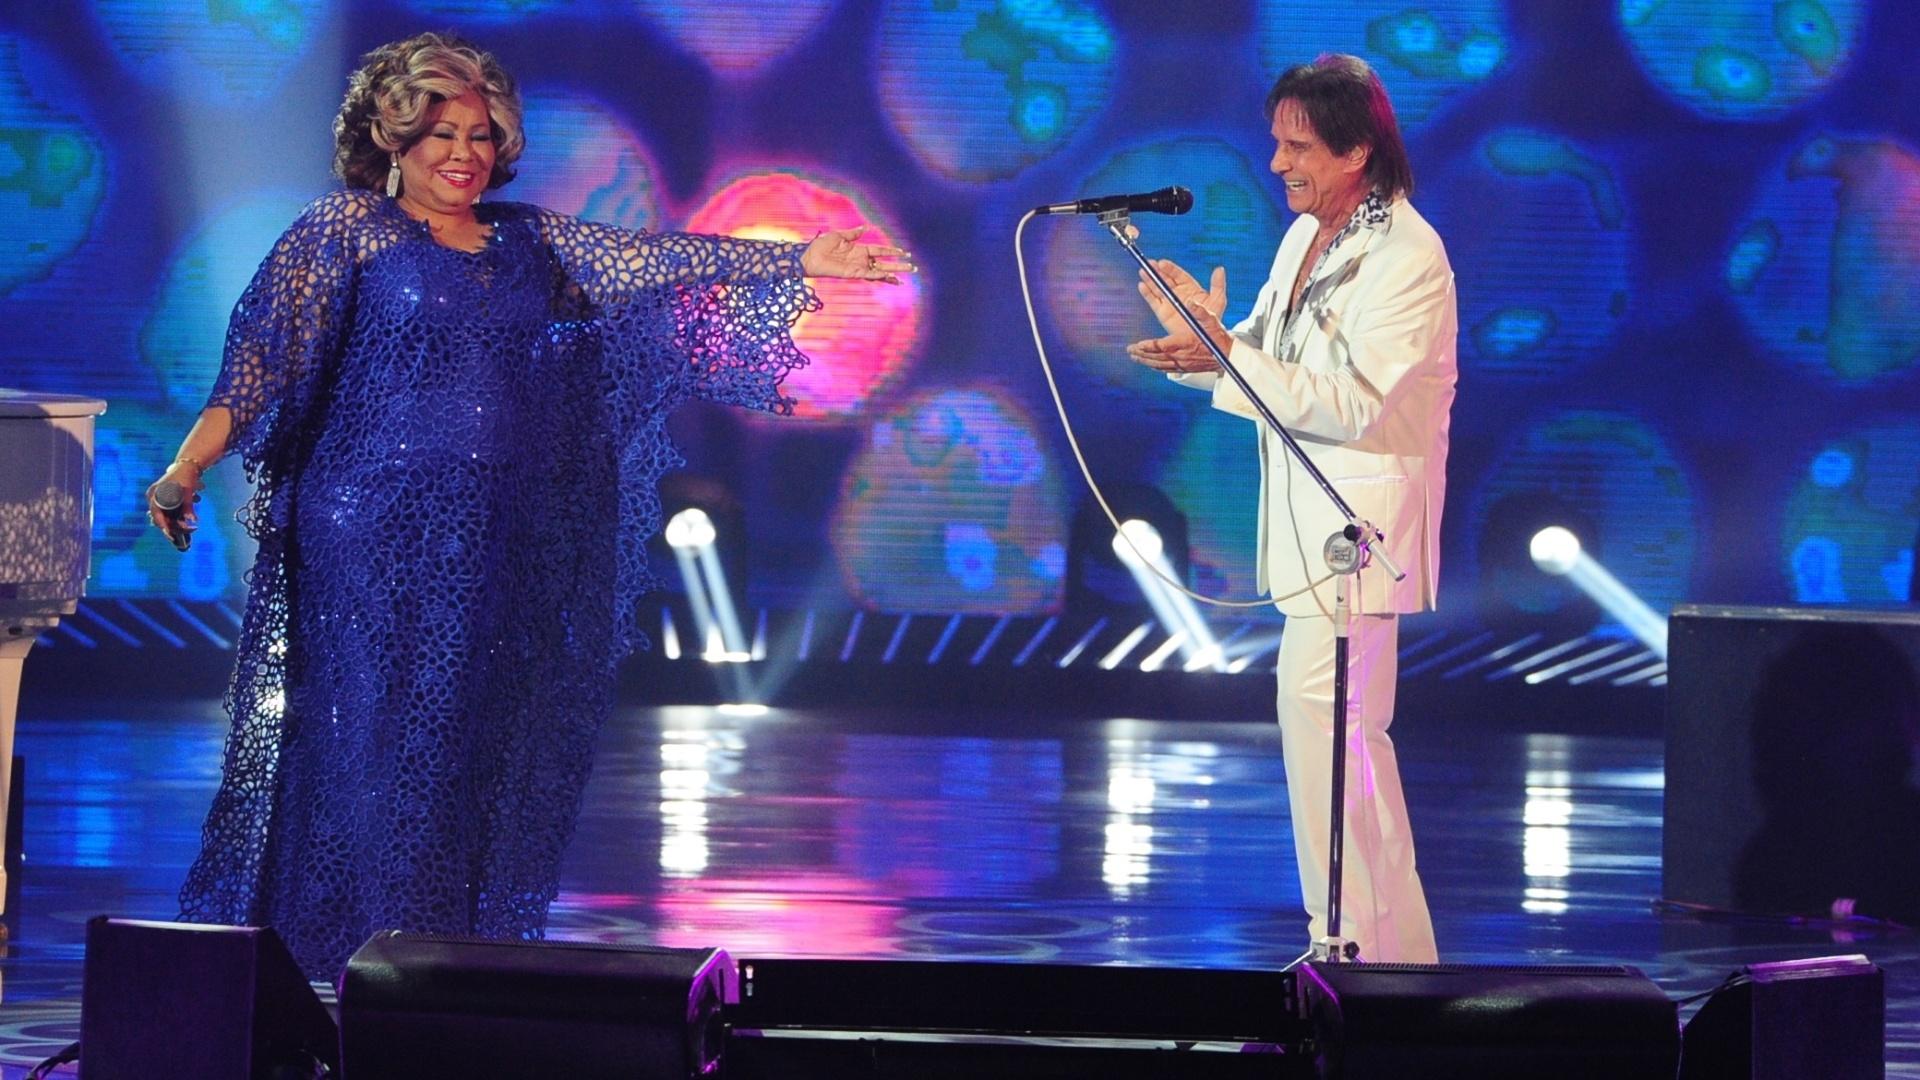 Alcione canta em inglês e espanhol ao lado do Rei.